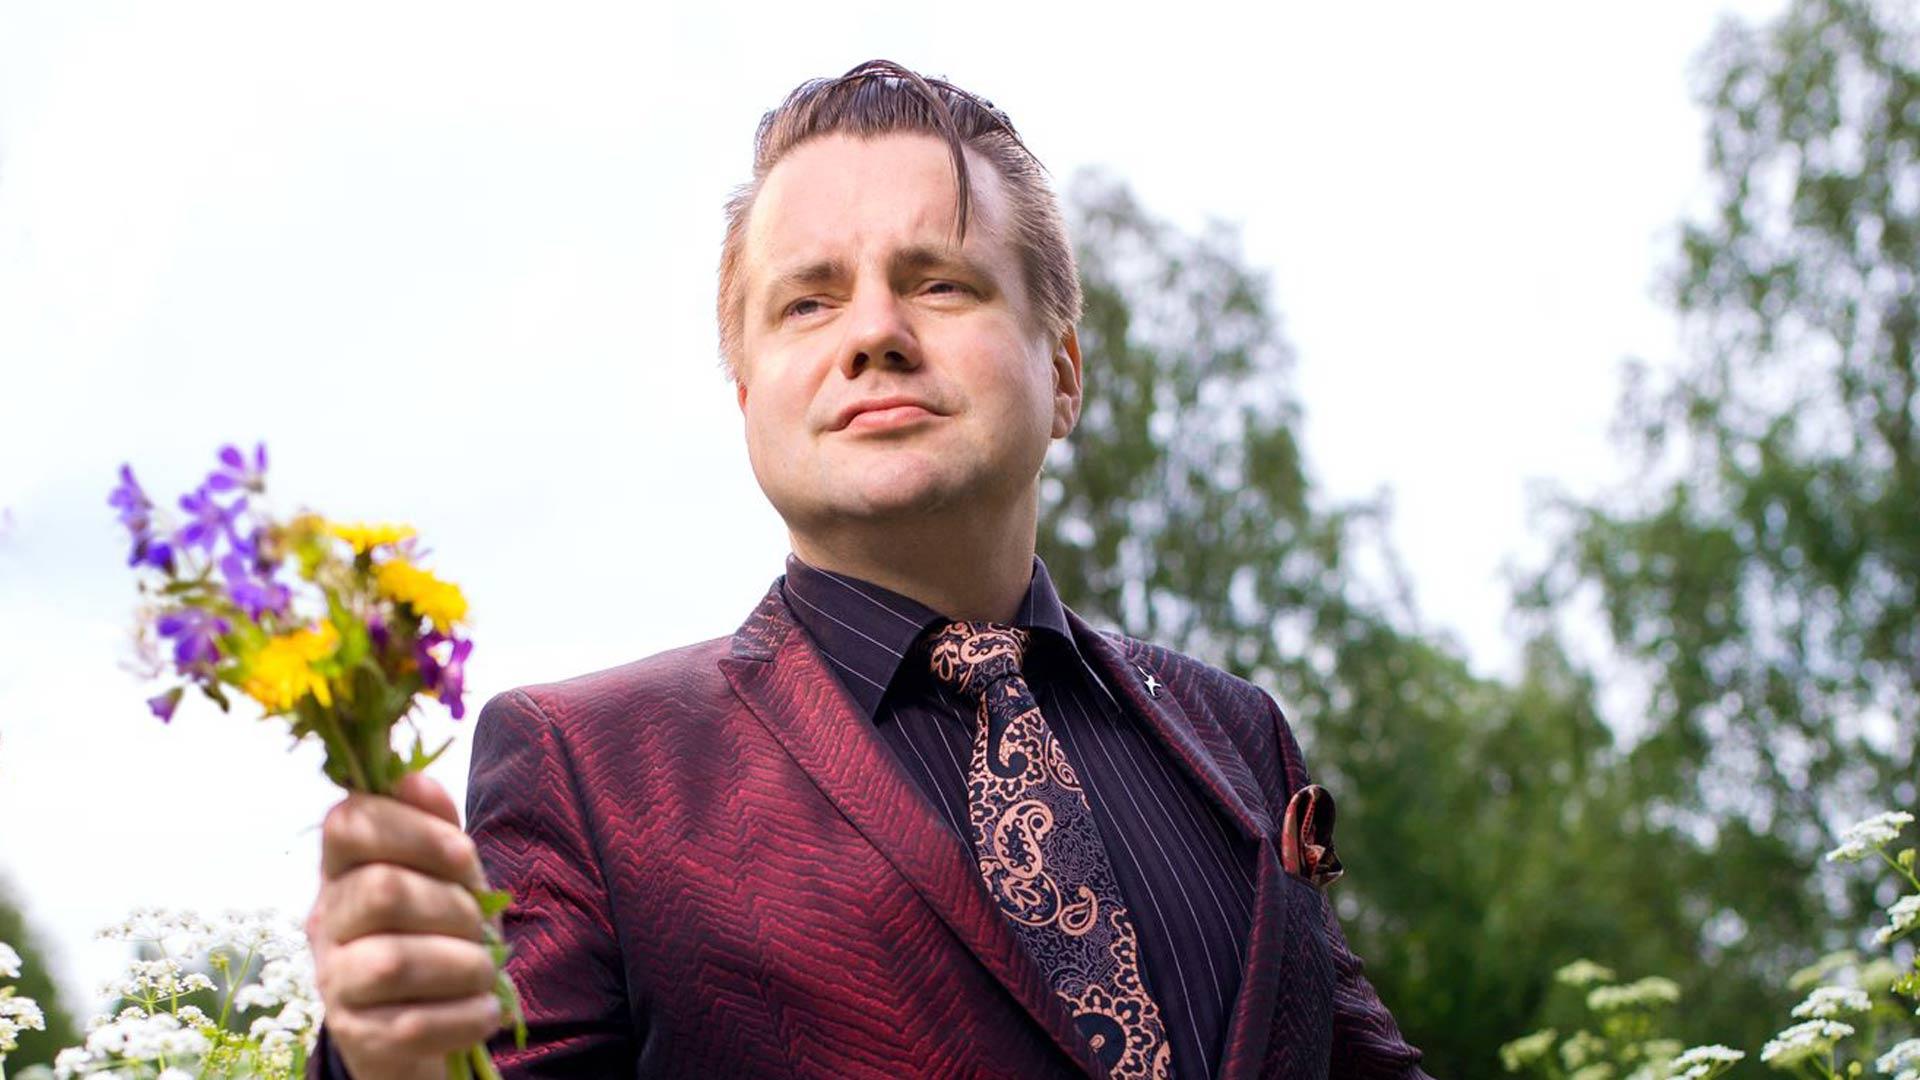 Laulaja Jaakko Laitinen on maustanut vanhoja suomalaisia tangoja ja iskelmiä tavalla, joka vei ne uuden sukupolven Spotify-listoille.